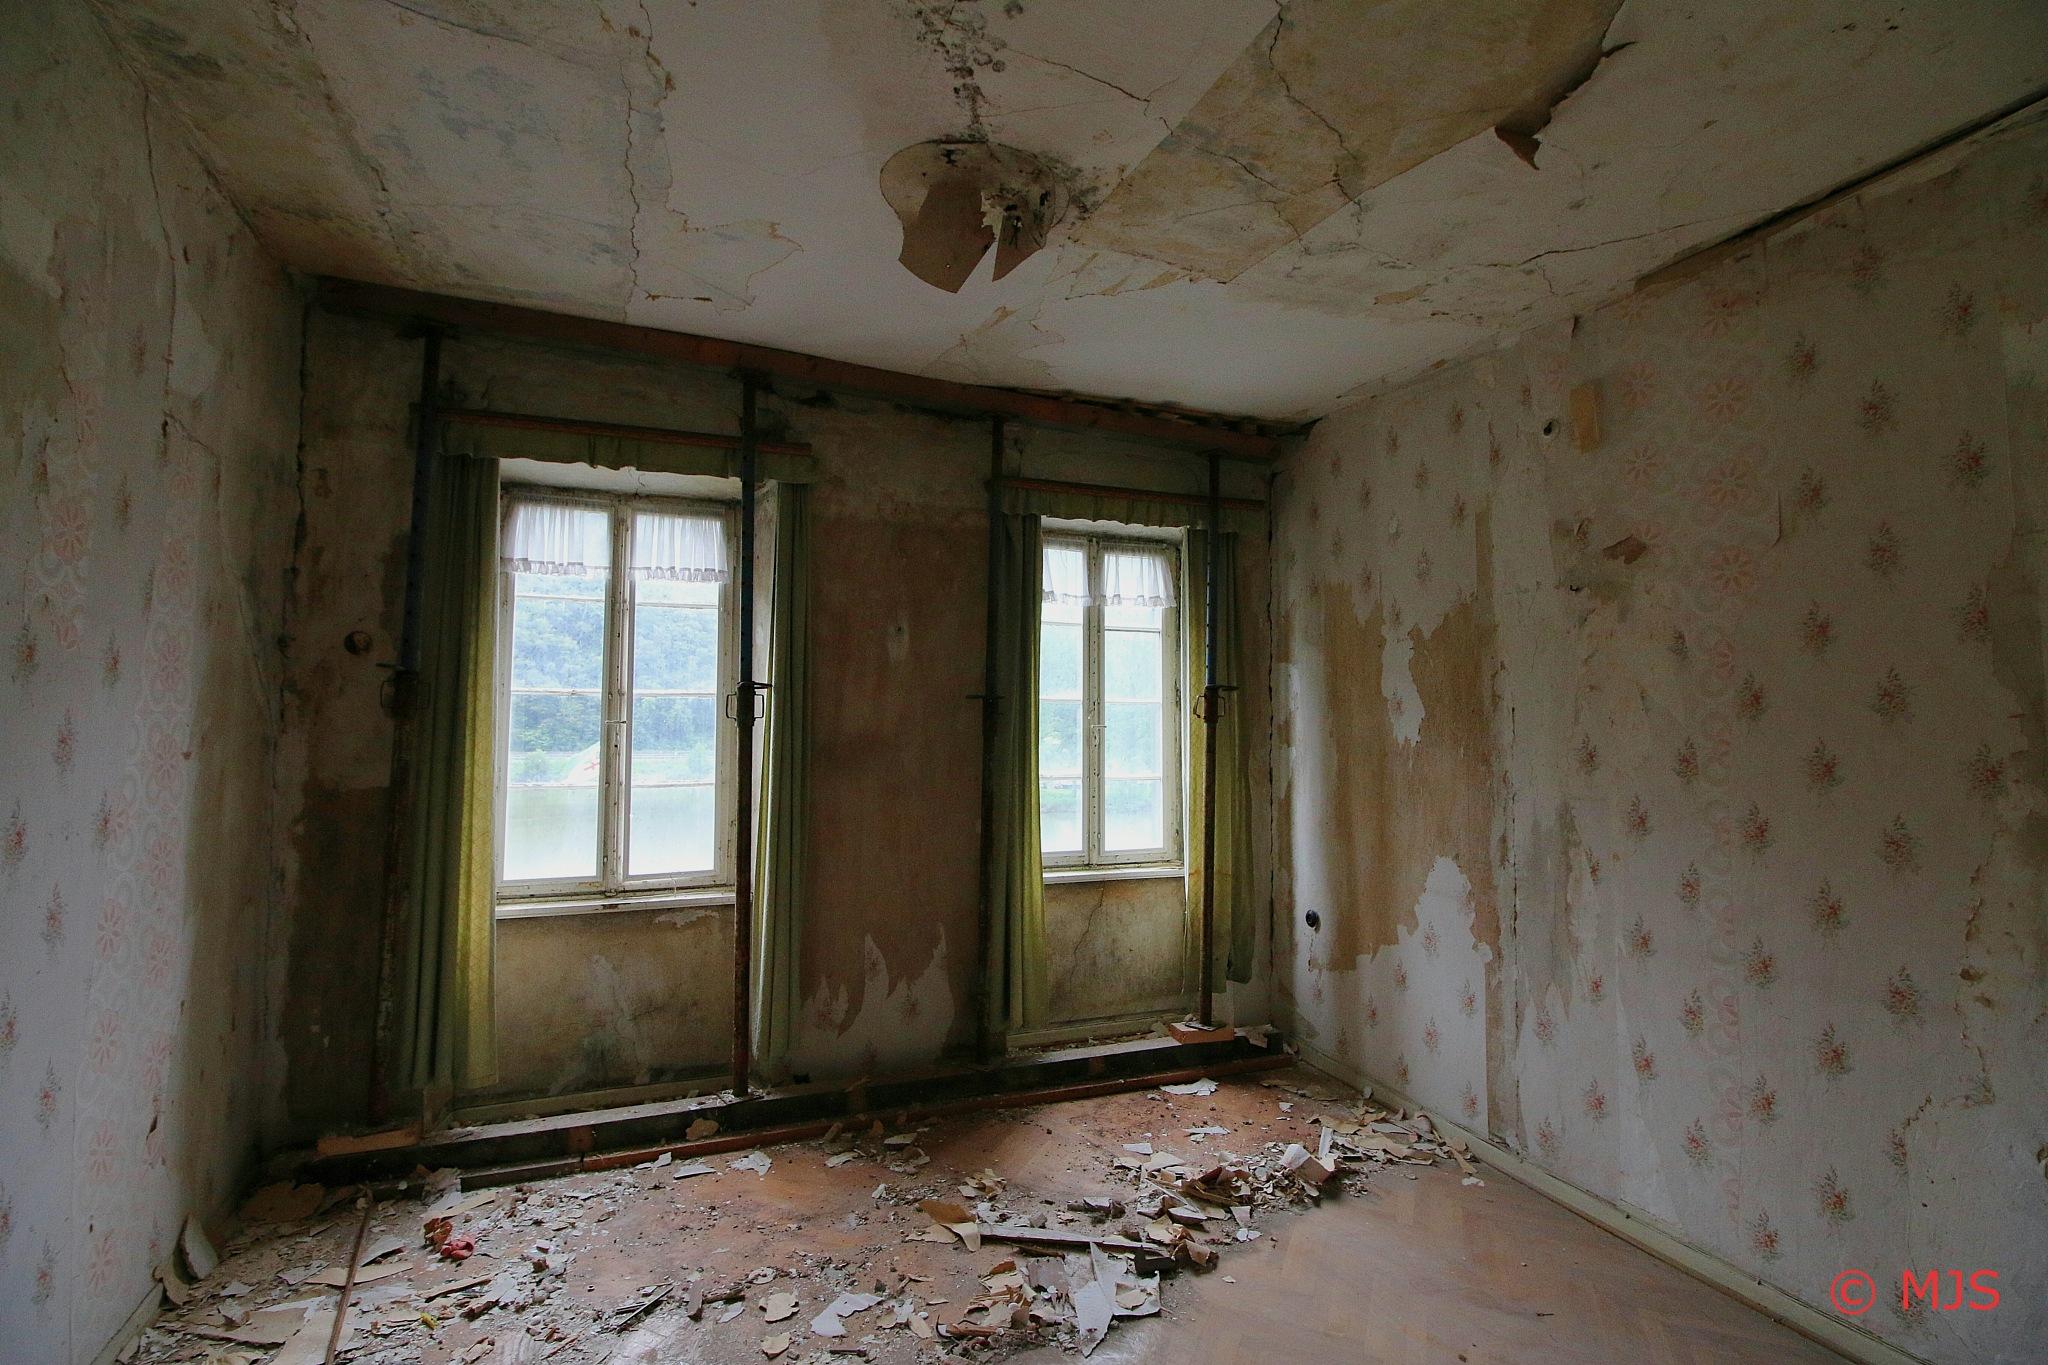 Lost Place by MJSMarcJoern